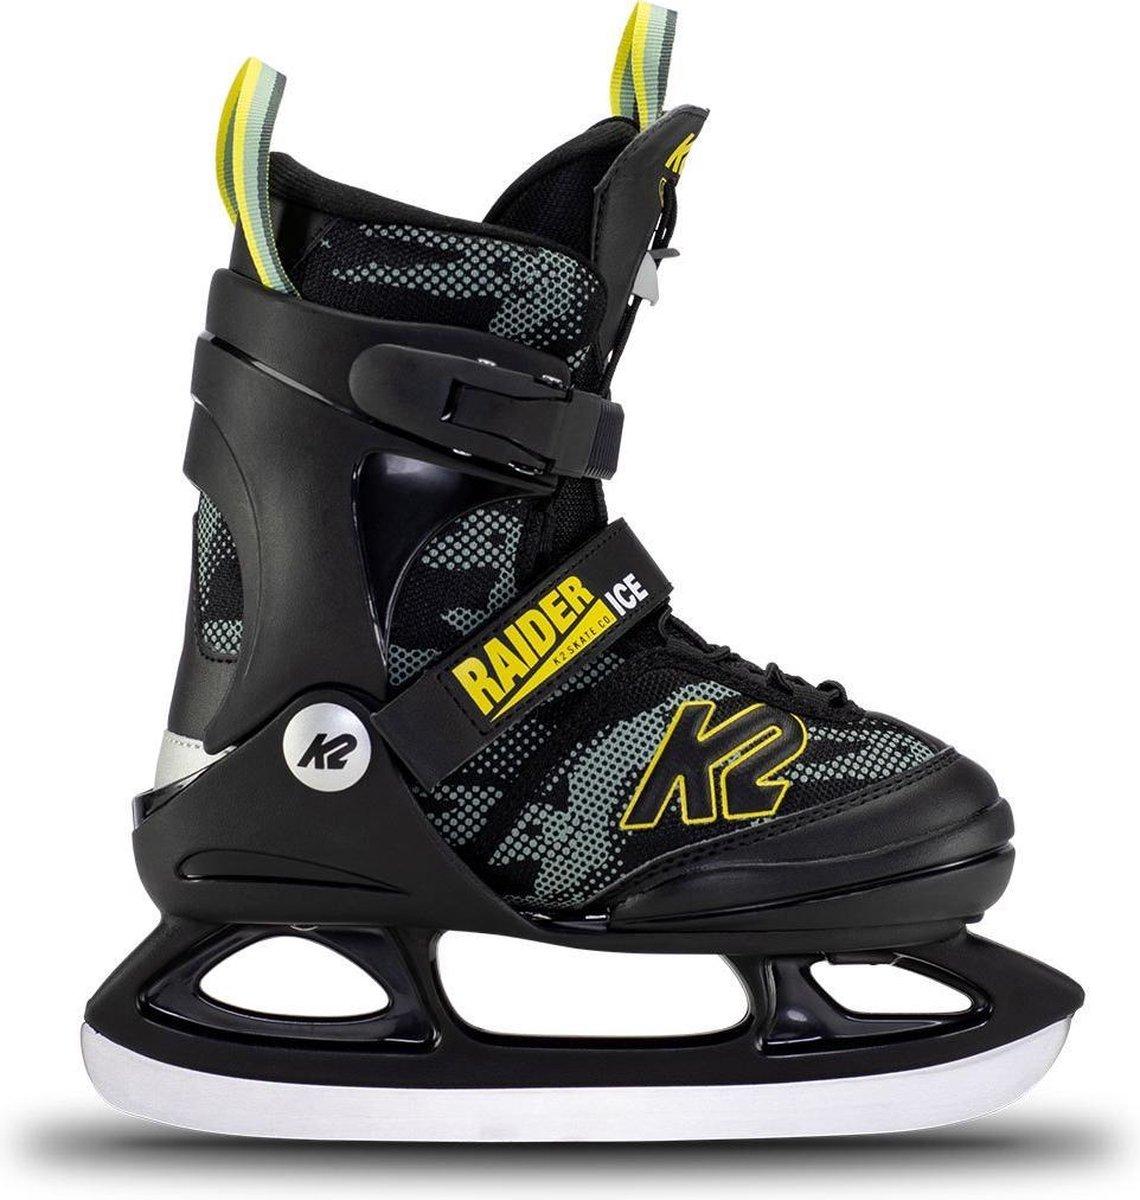 K2 Raider Ice Boy's